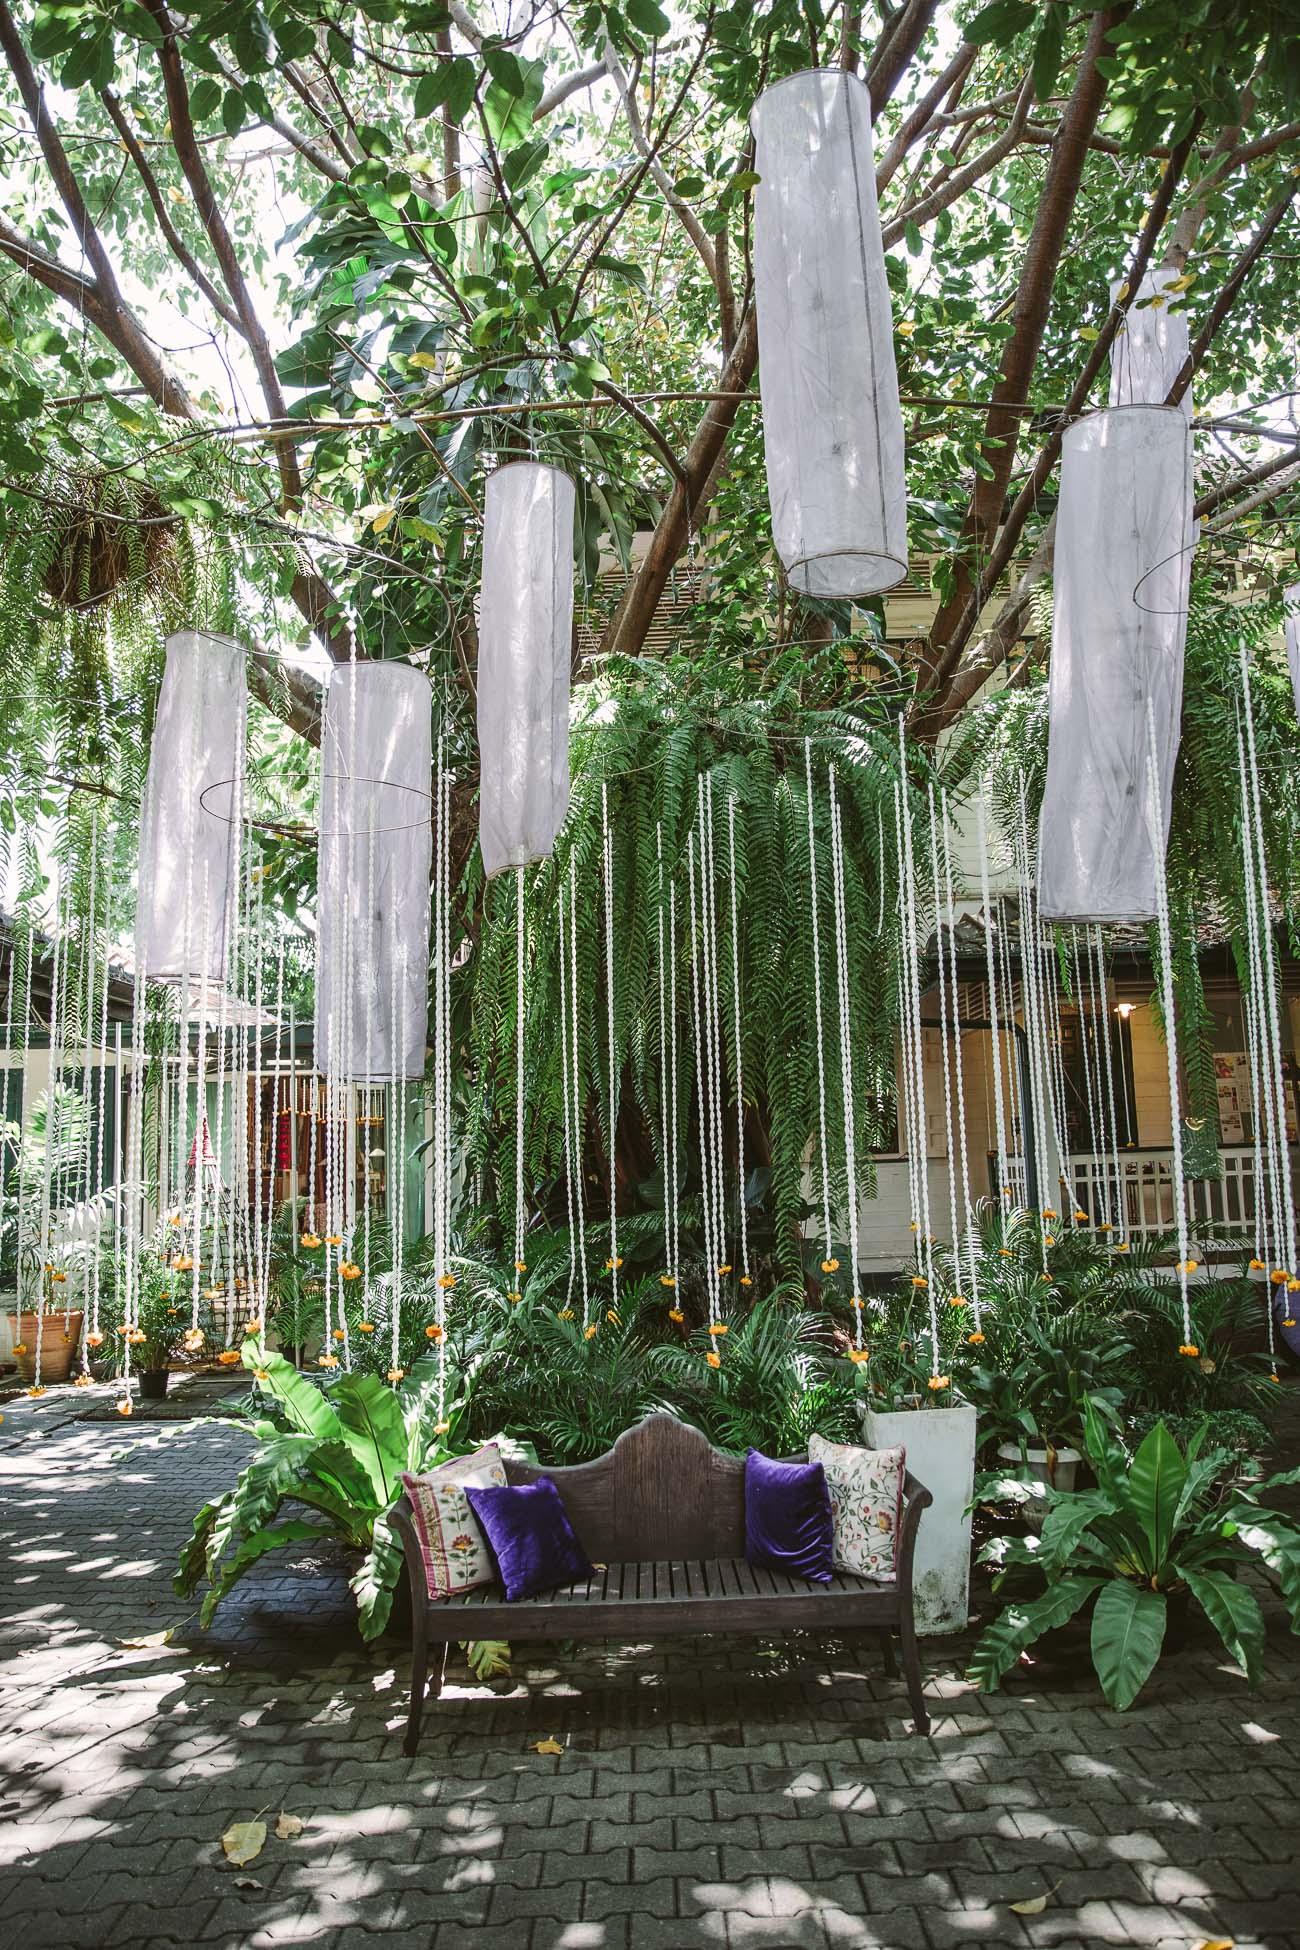 Museum of Floral Culture Bangkok